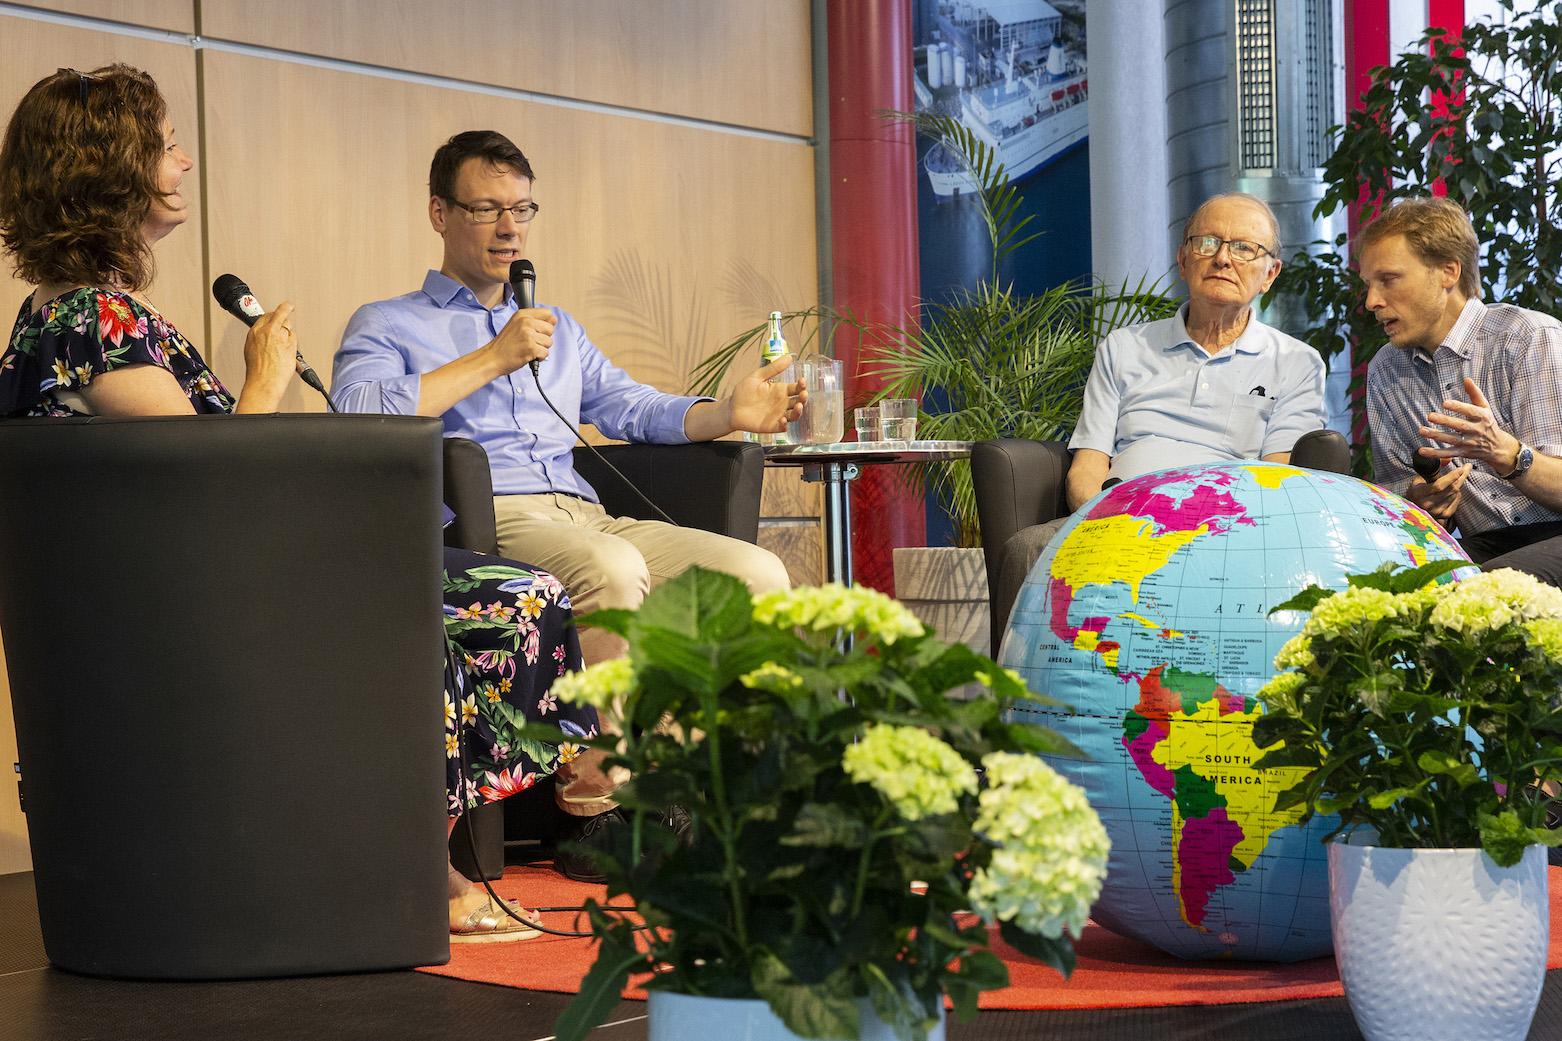 Heike Schultz im Gespräch mit George Verwer und Doron Lukat © Daniel Johansson, OM